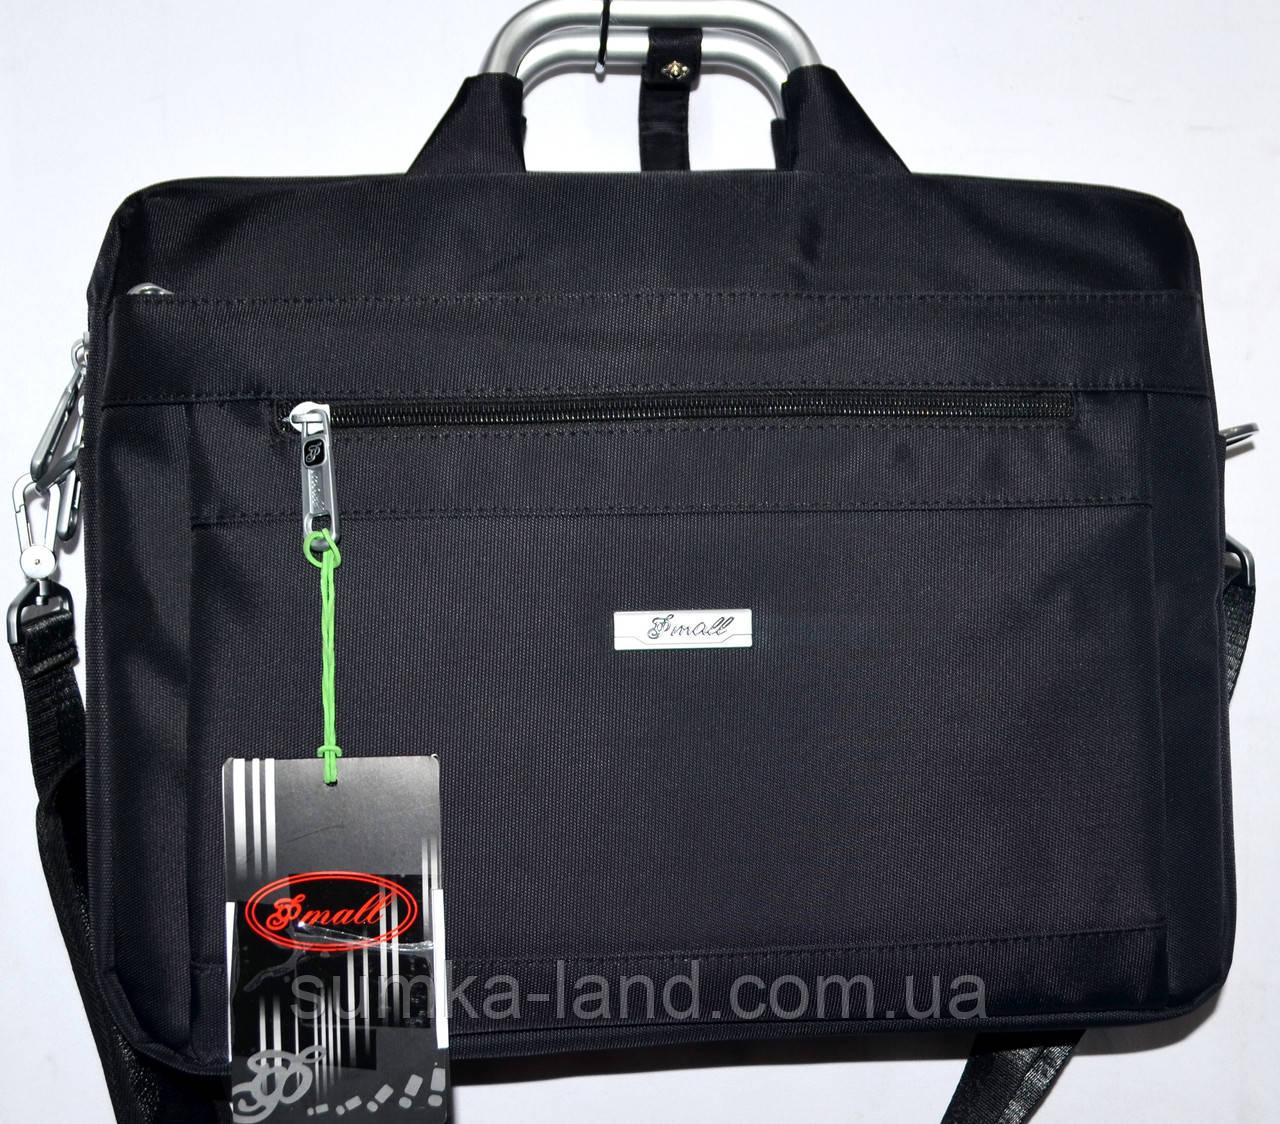 Портфель, сумка для ноутбука тканевая черная с металлическими ручками 36*28 см